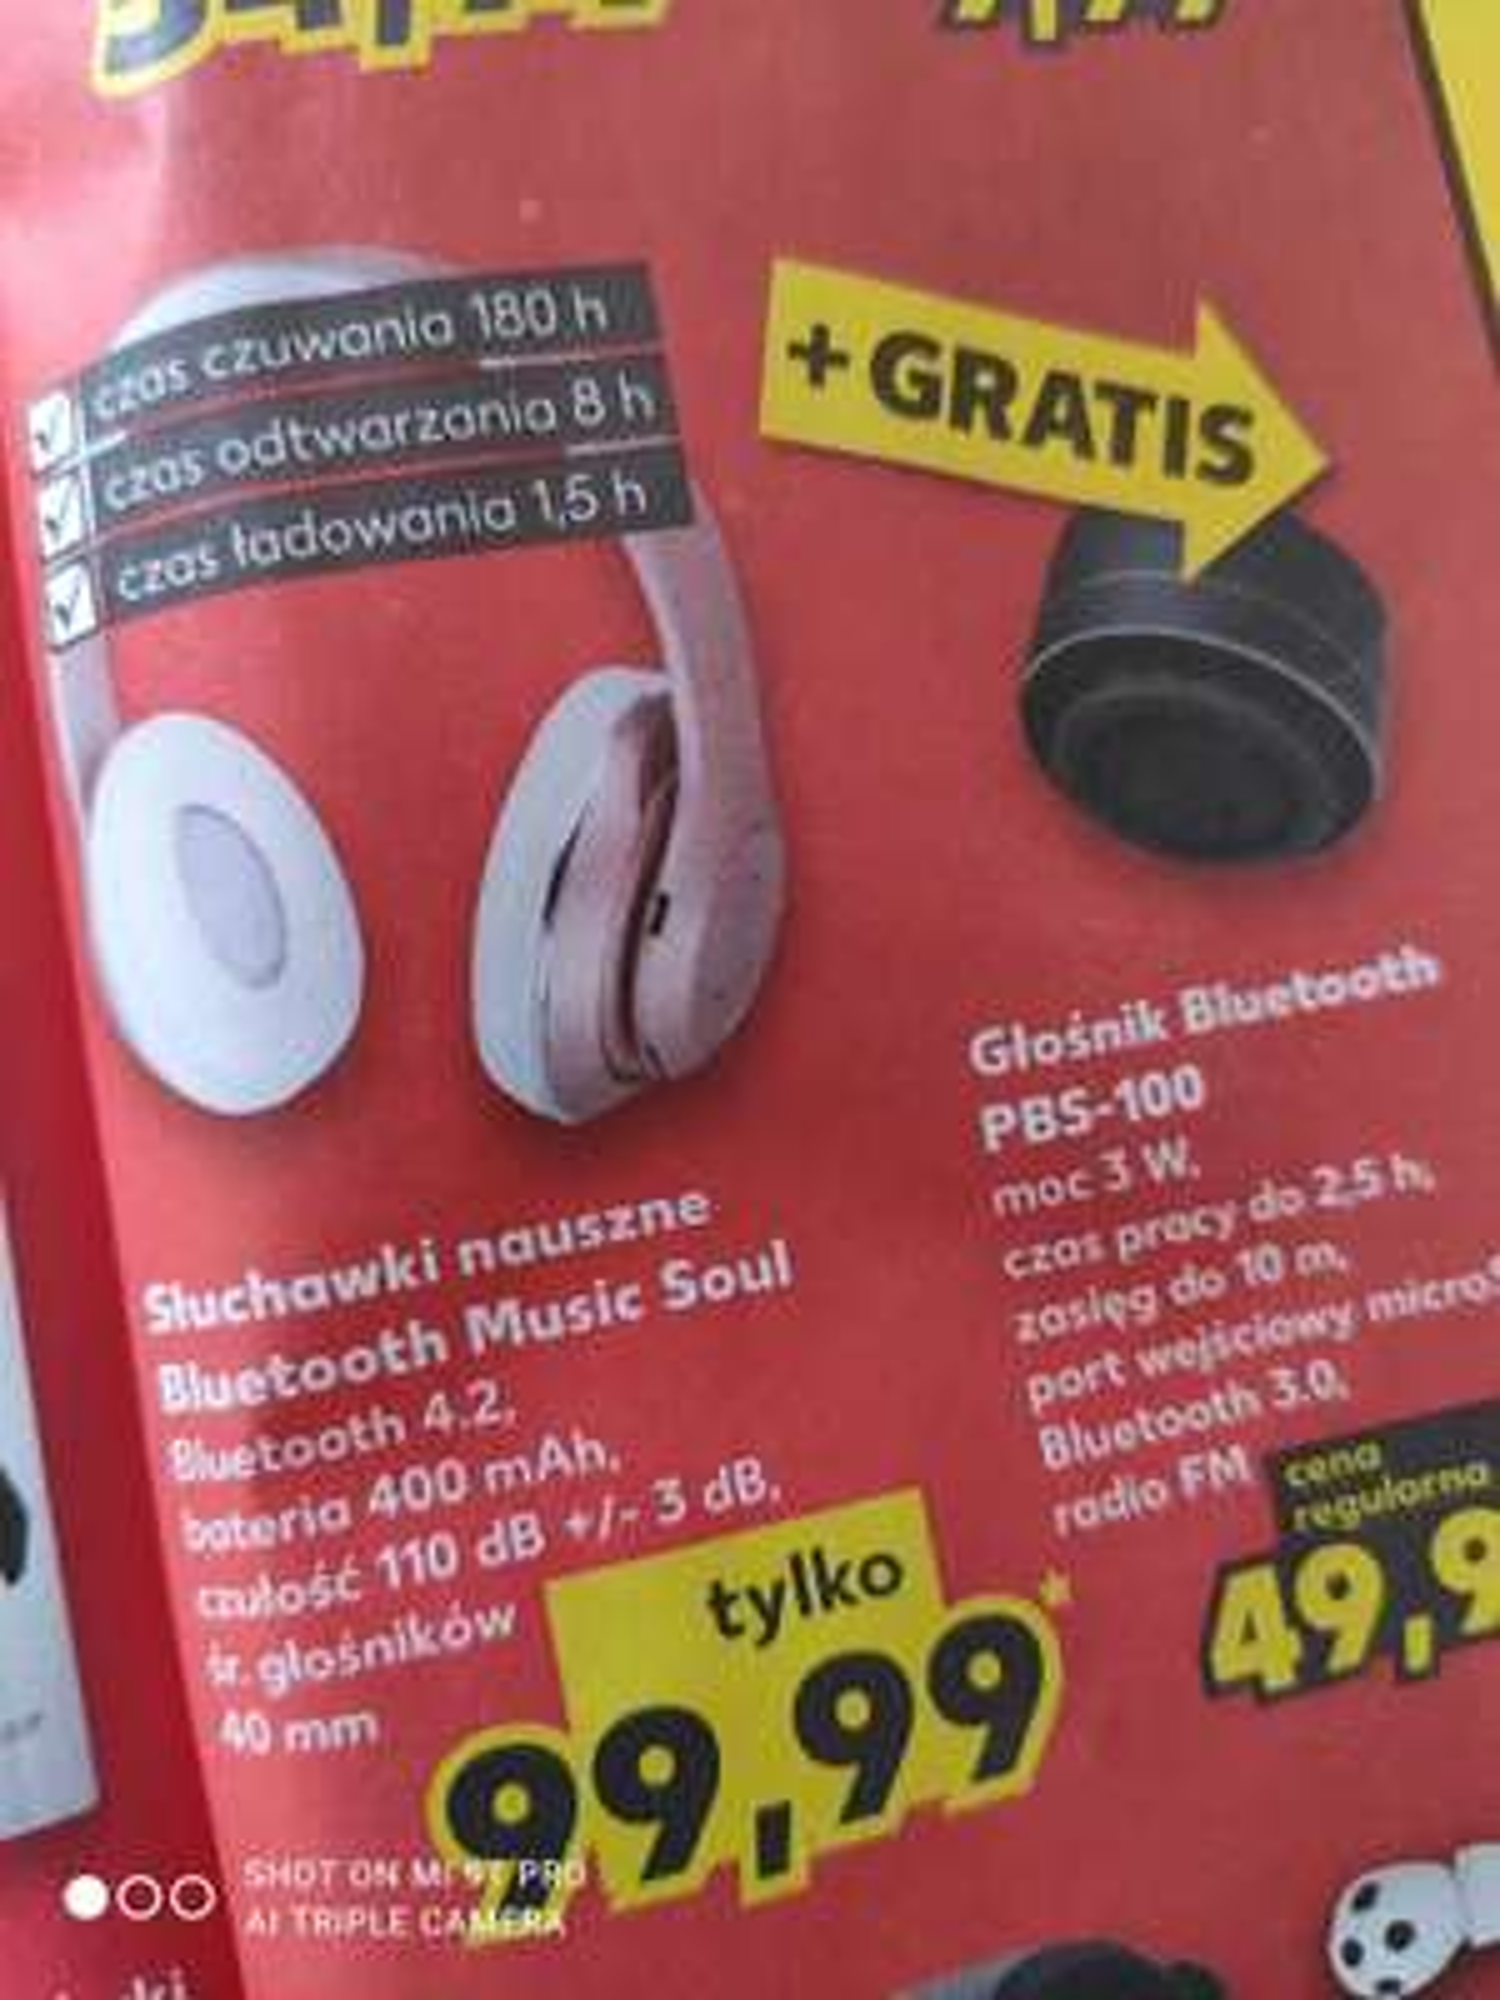 Słuchawki nauszne bluetooth Music Soul + gratis głośnik Kaufland